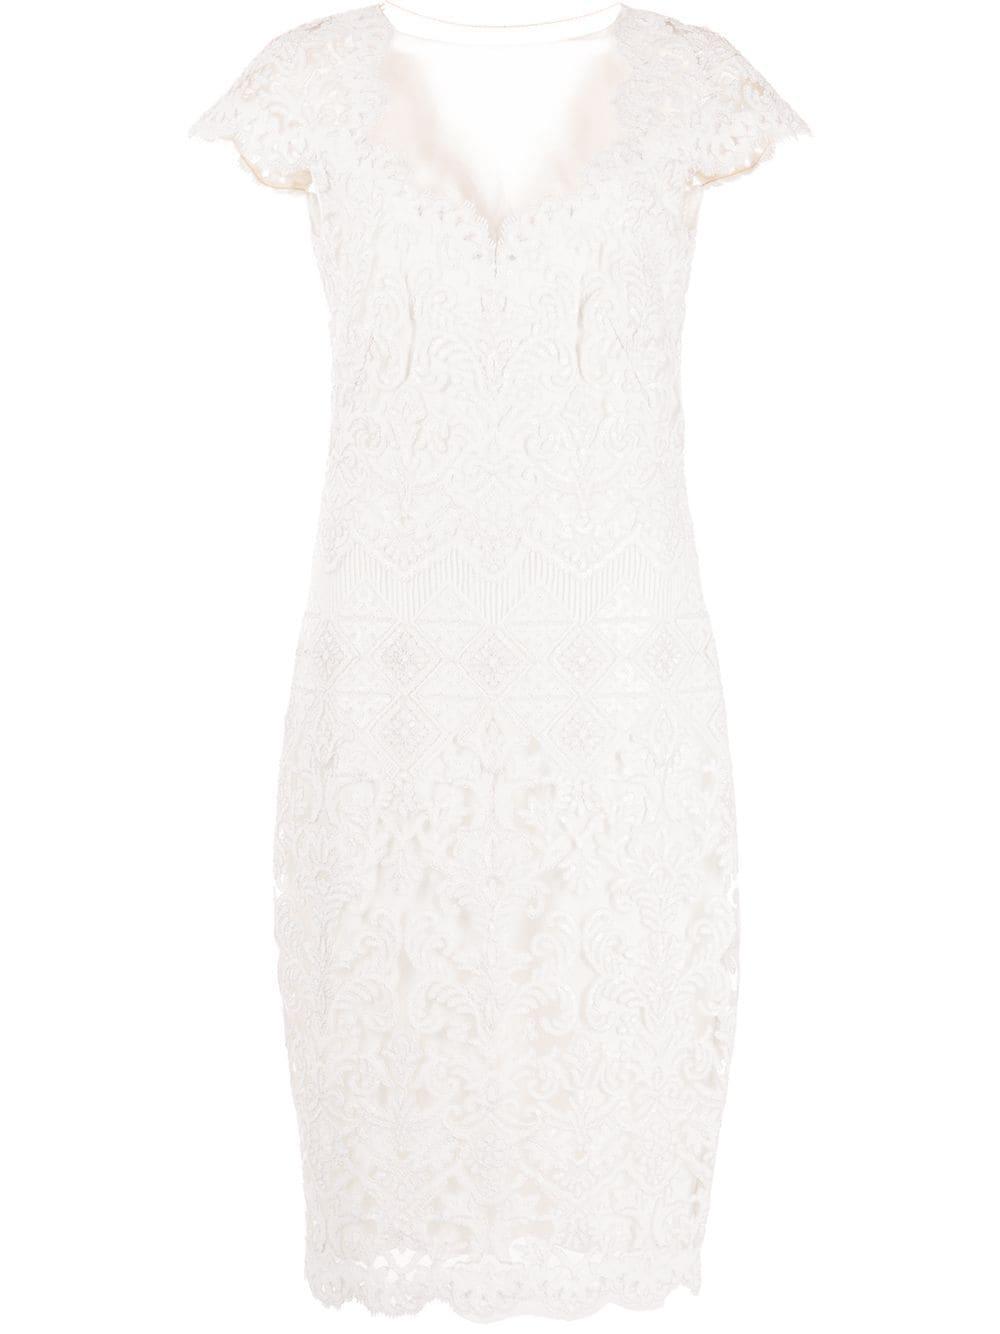 Lace Cocktail Dress Item # BMN18009M